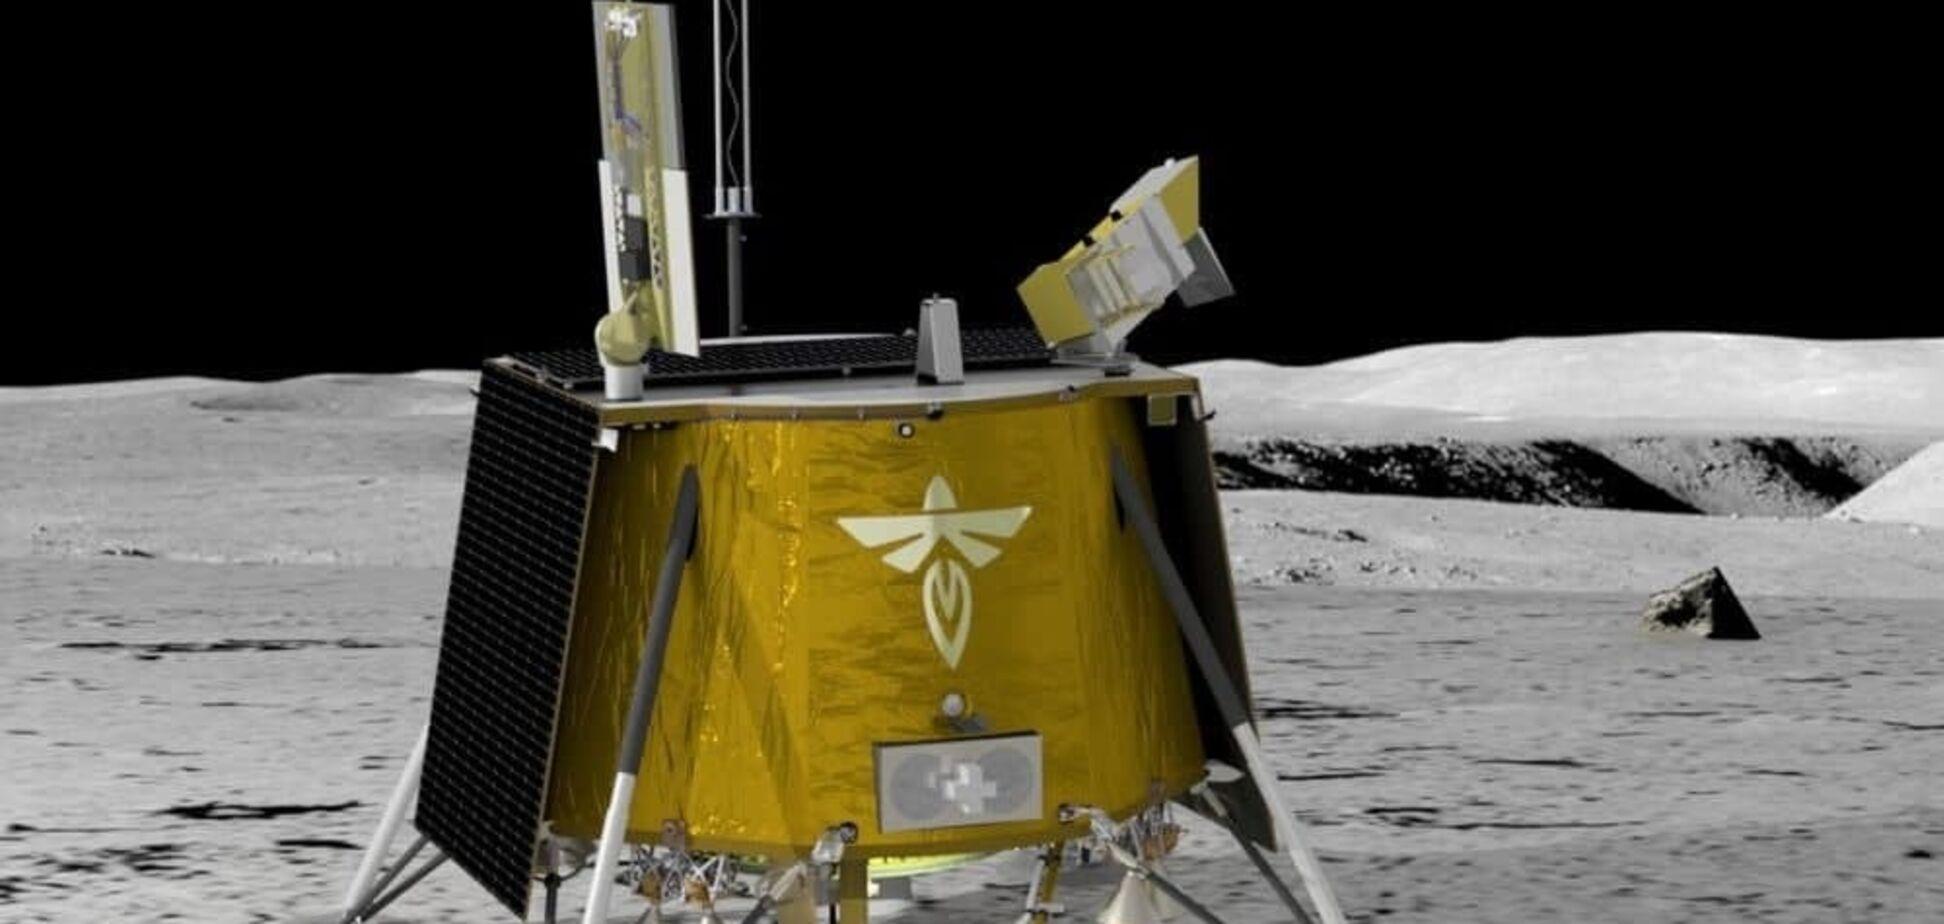 Компания украинского предпринимателя получила контракт NASA на 93,3 млн долларов